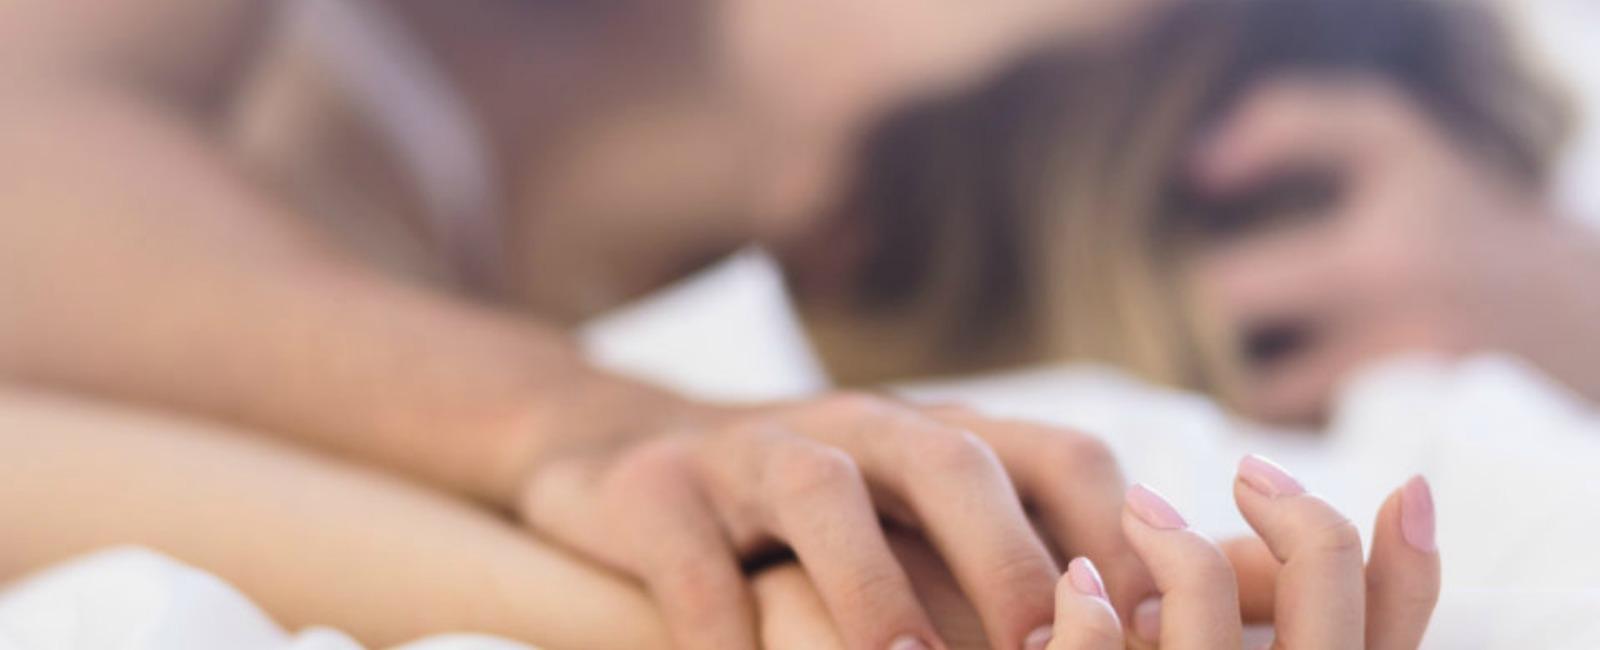 διαδικτυακό σάιτ γνωριμιών με καλύτερα αποτελέσματα Dating Καντόνι Οχάιο